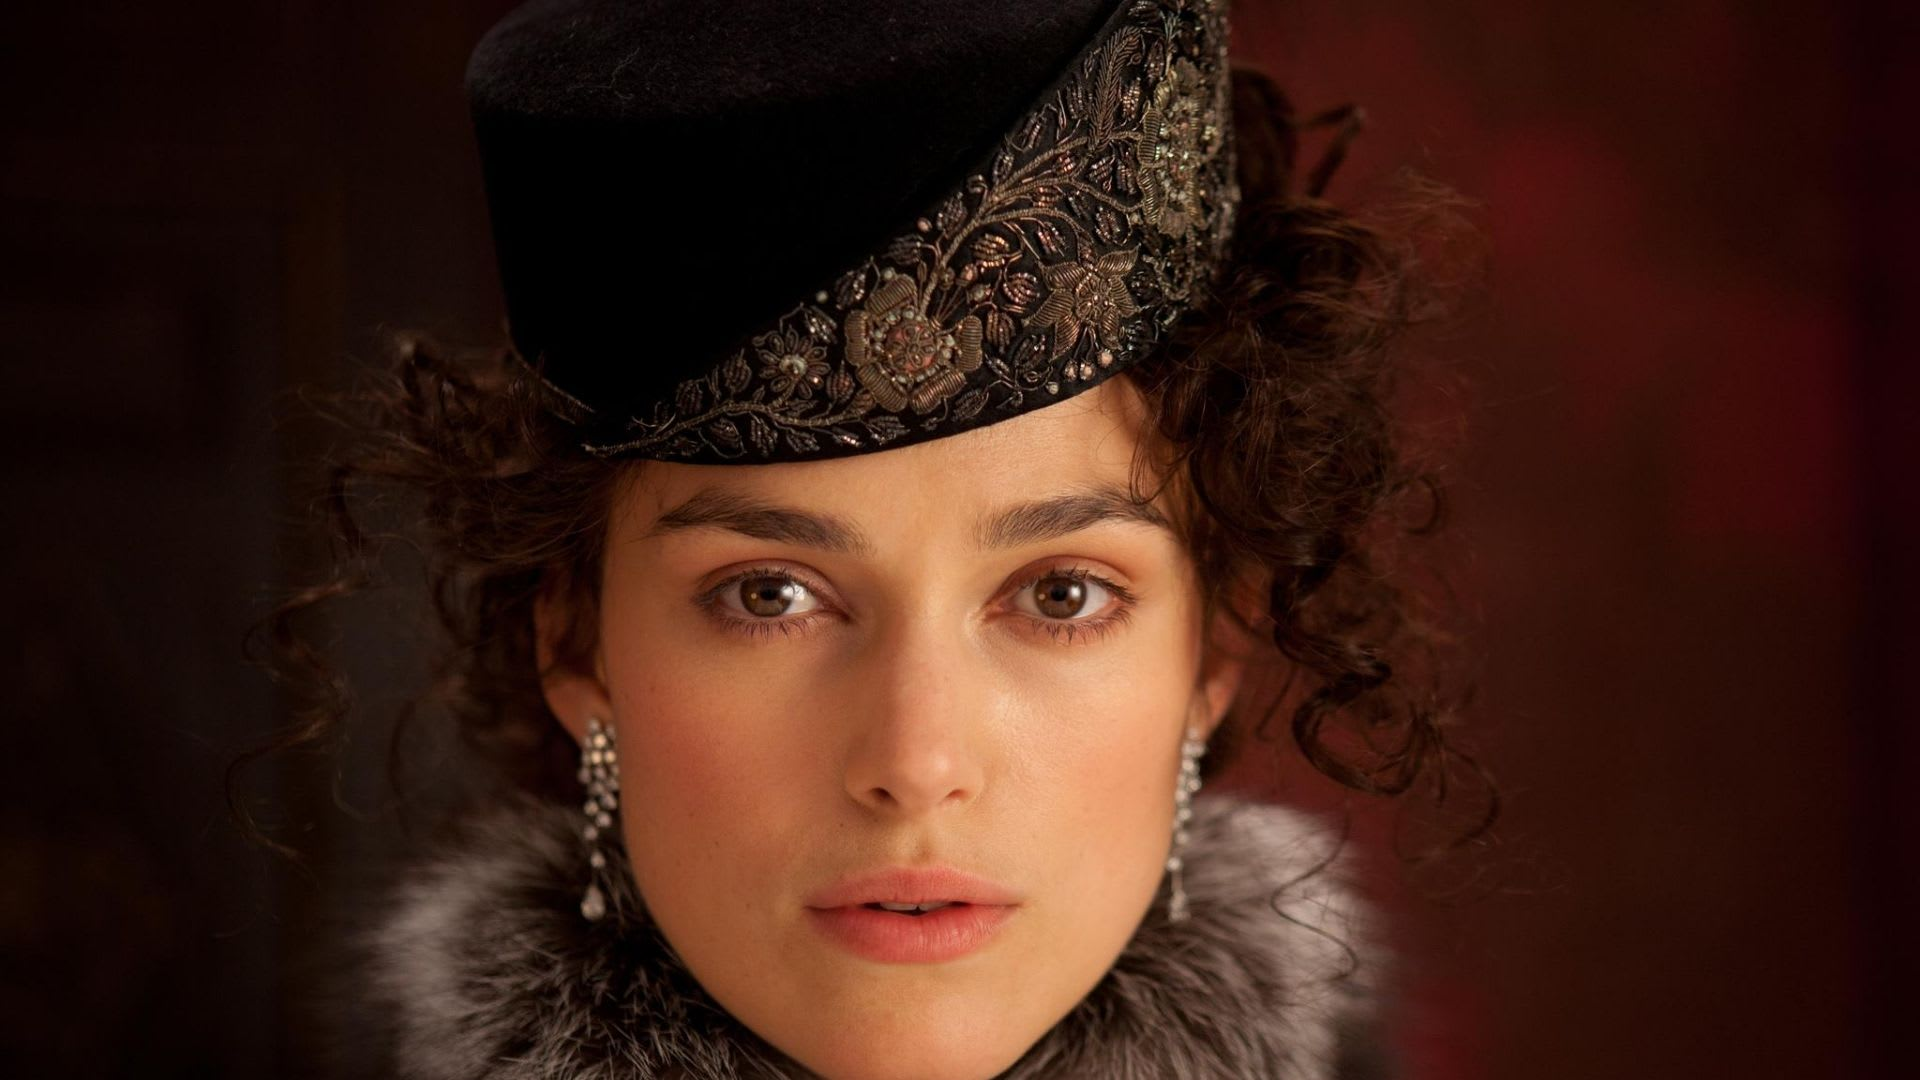 Keira Knightely al suo primo ruolo da protagonista in una serie Tv